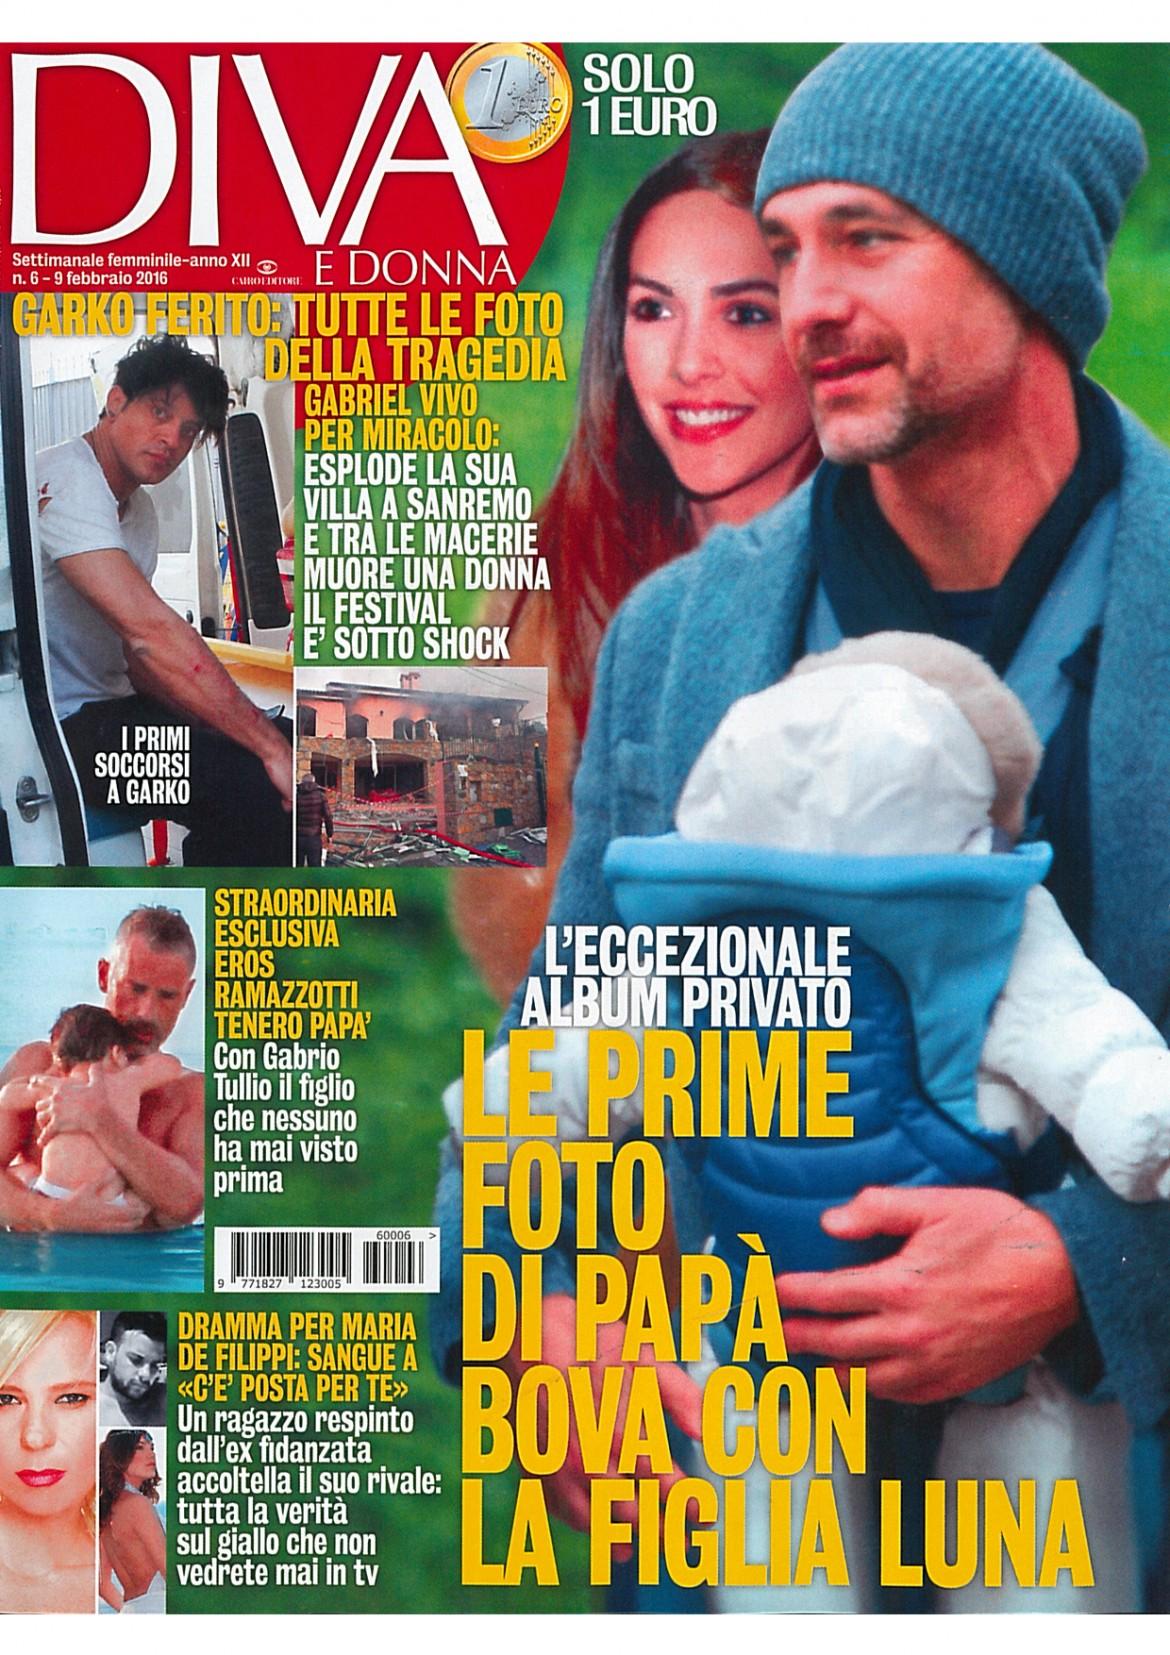 PASSION BLANCHE_DIVA E DONNA (1)